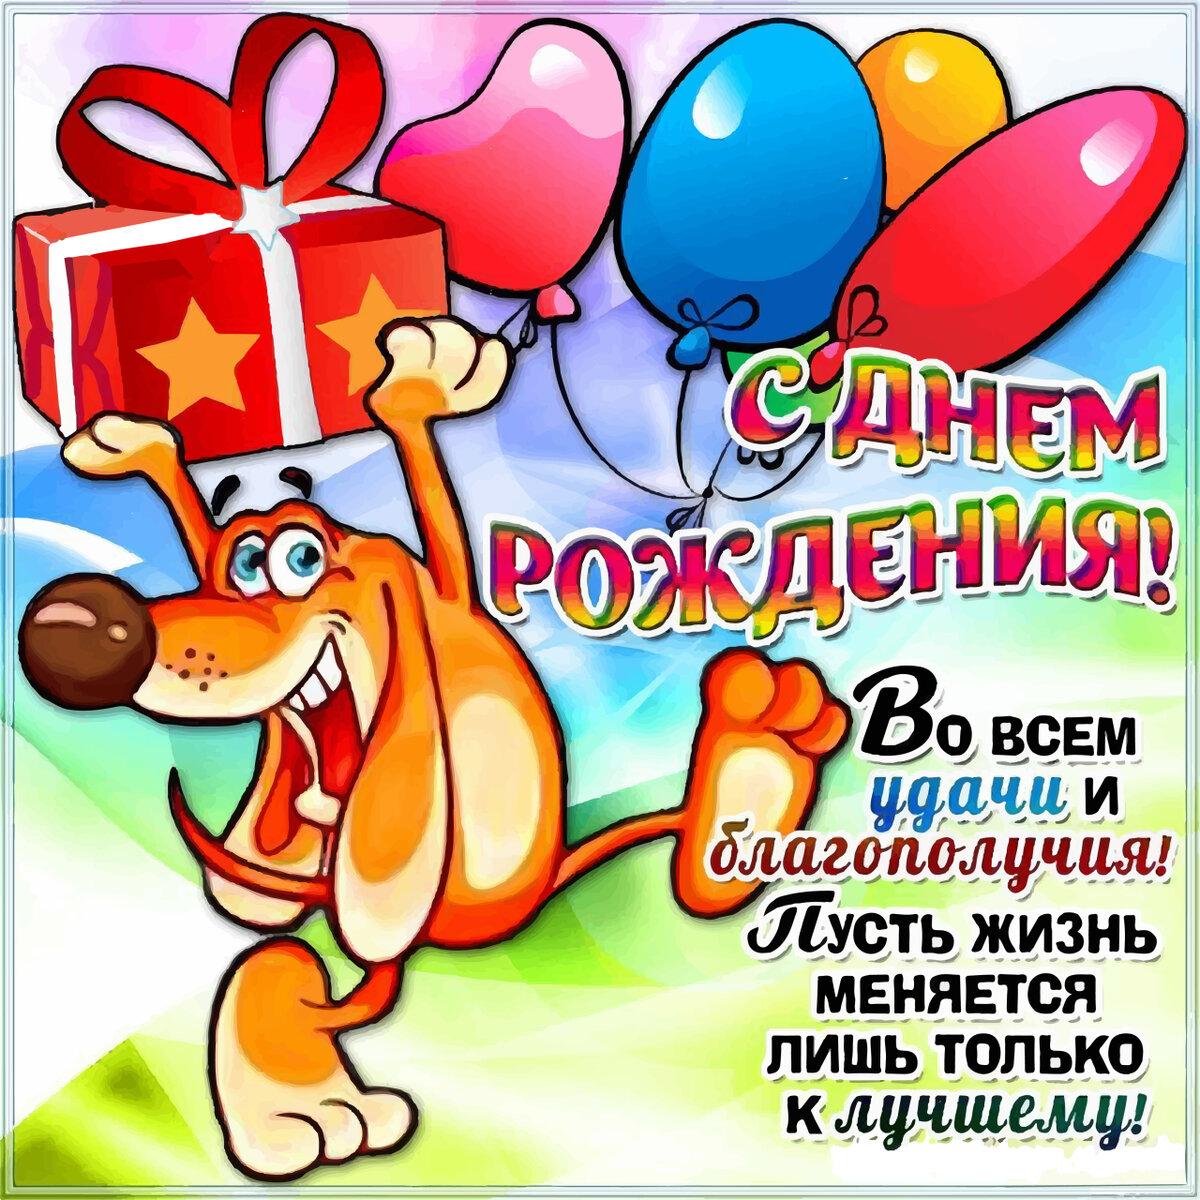 поздравление на день рождения прикольные 18